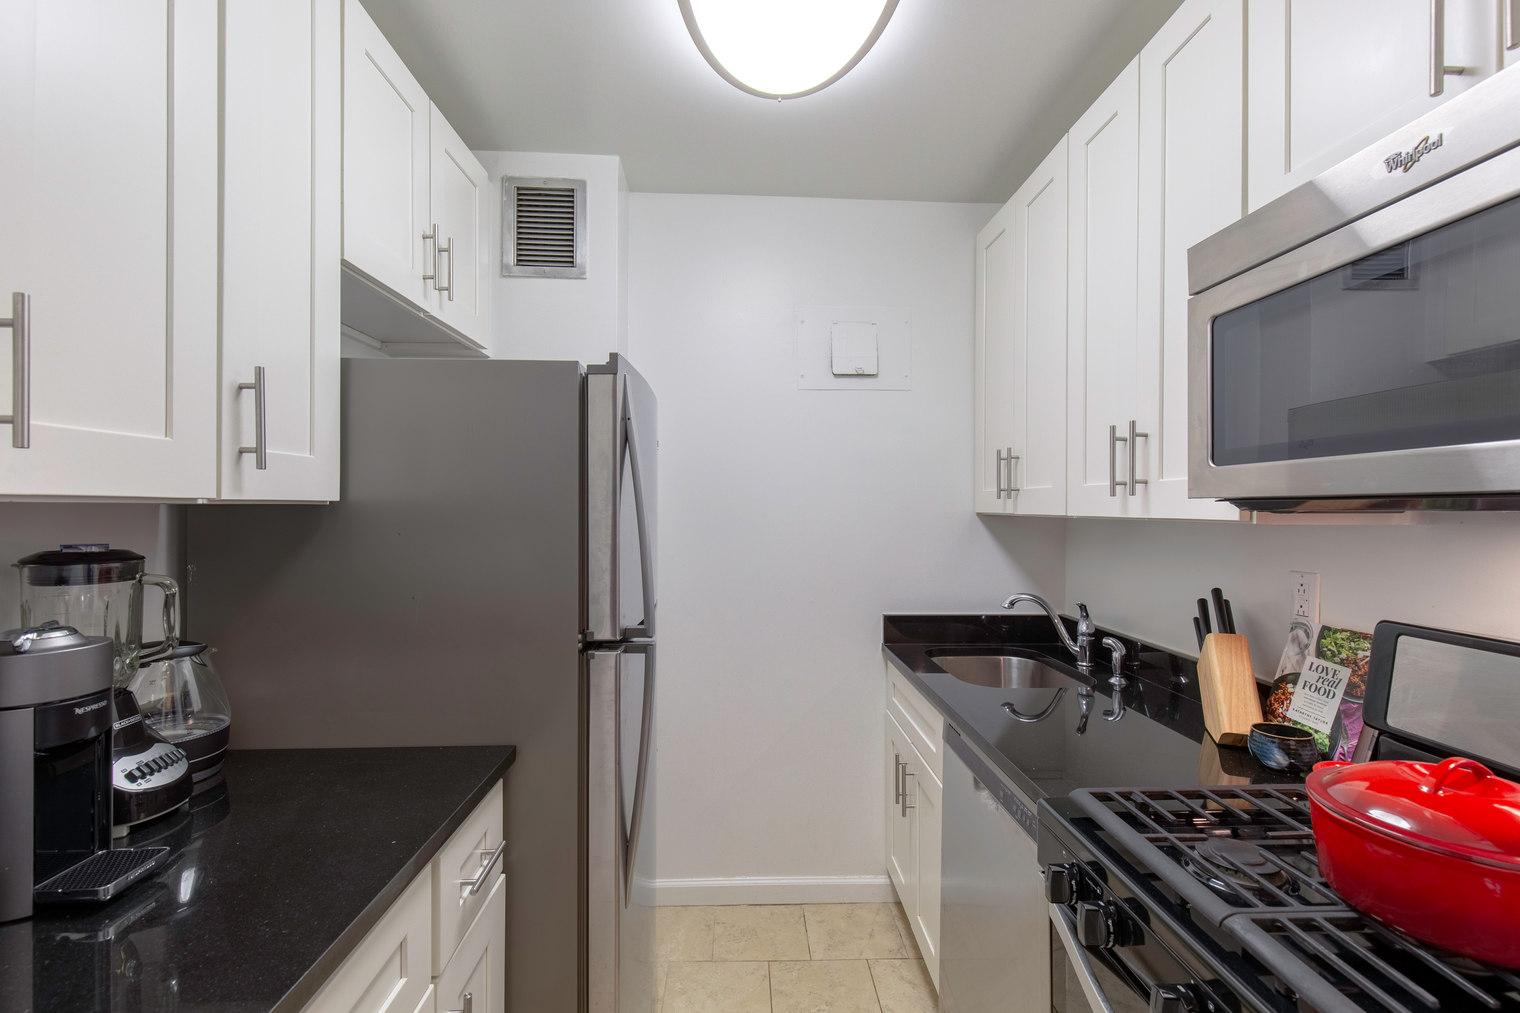 240 East 27th Street Kips Bay New York NY 10016